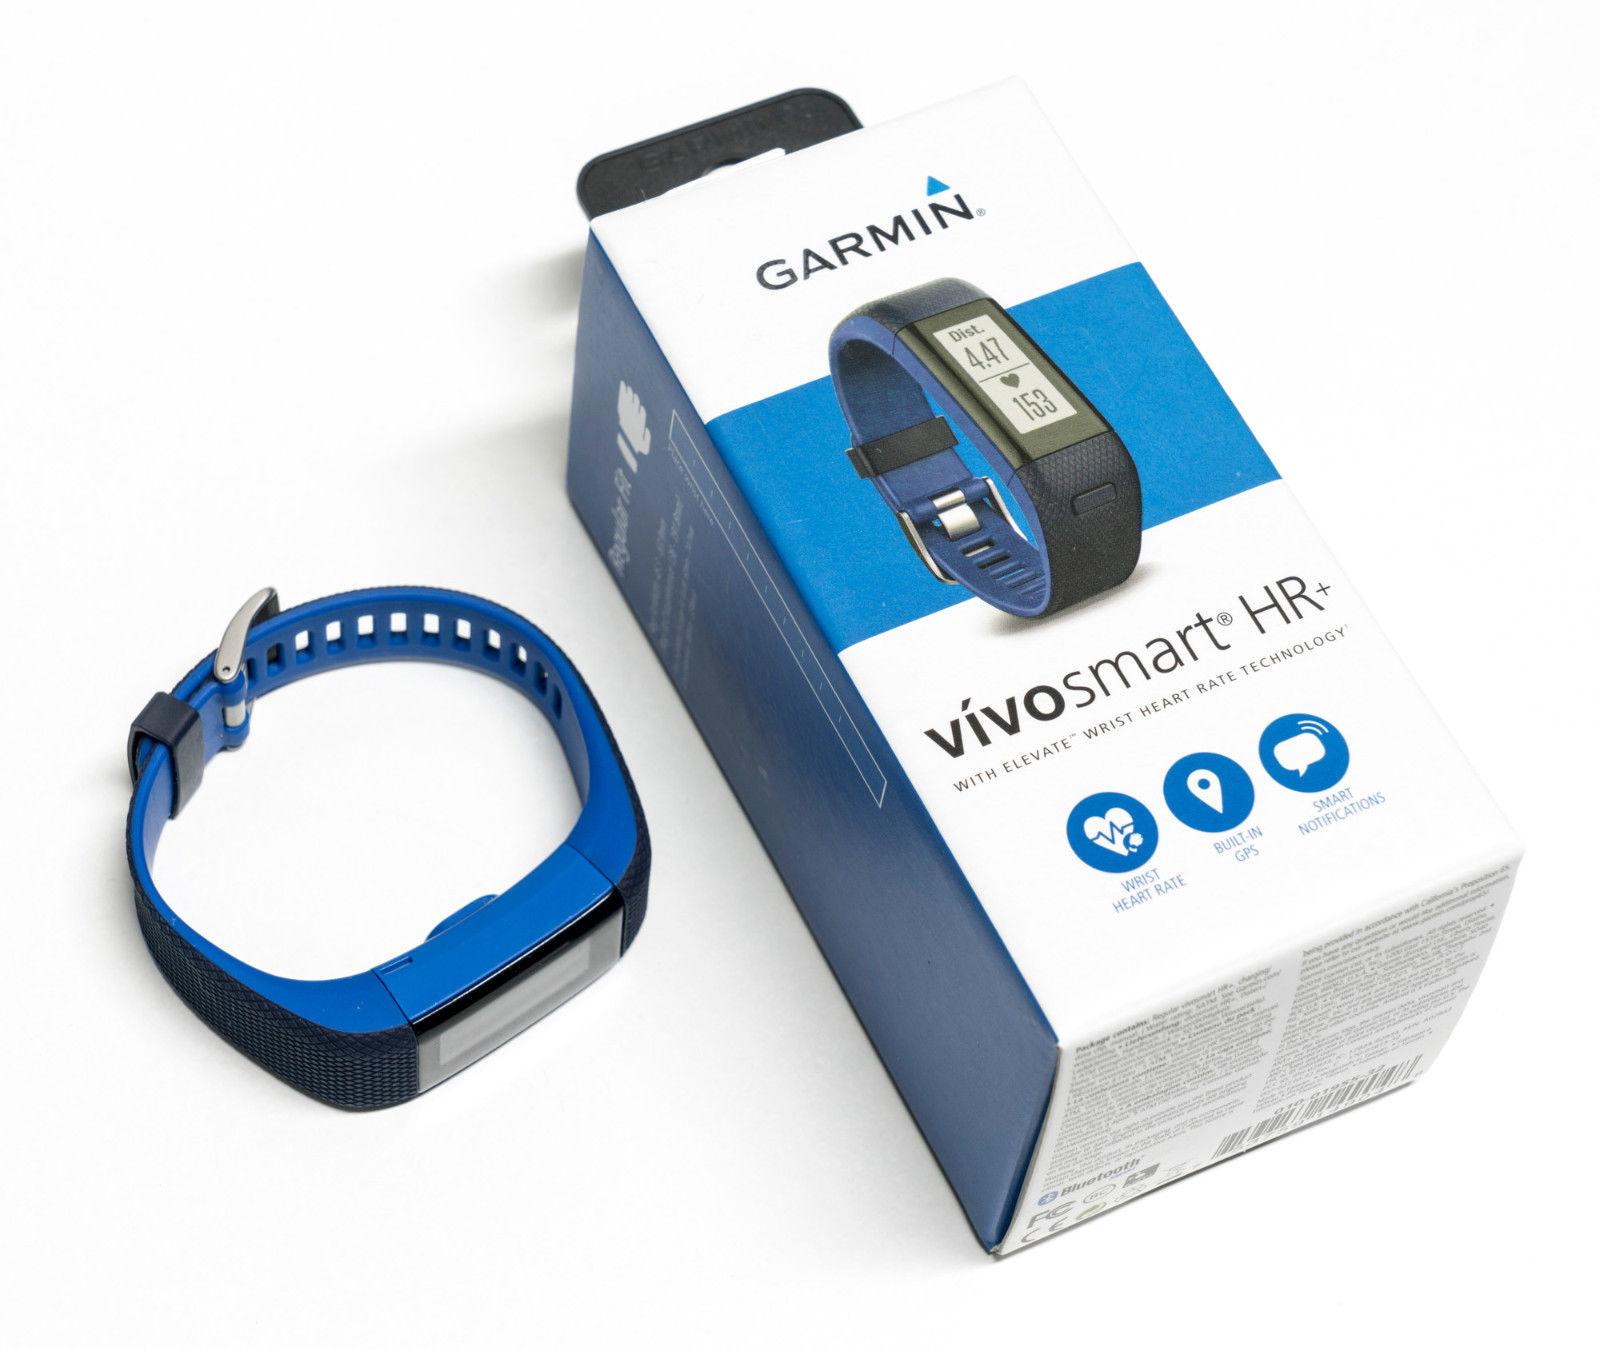 Garmin Vivosmart HR+ Fitnesstracker GPS Uhr  Gr. M Blau Herzfrequenzmessung